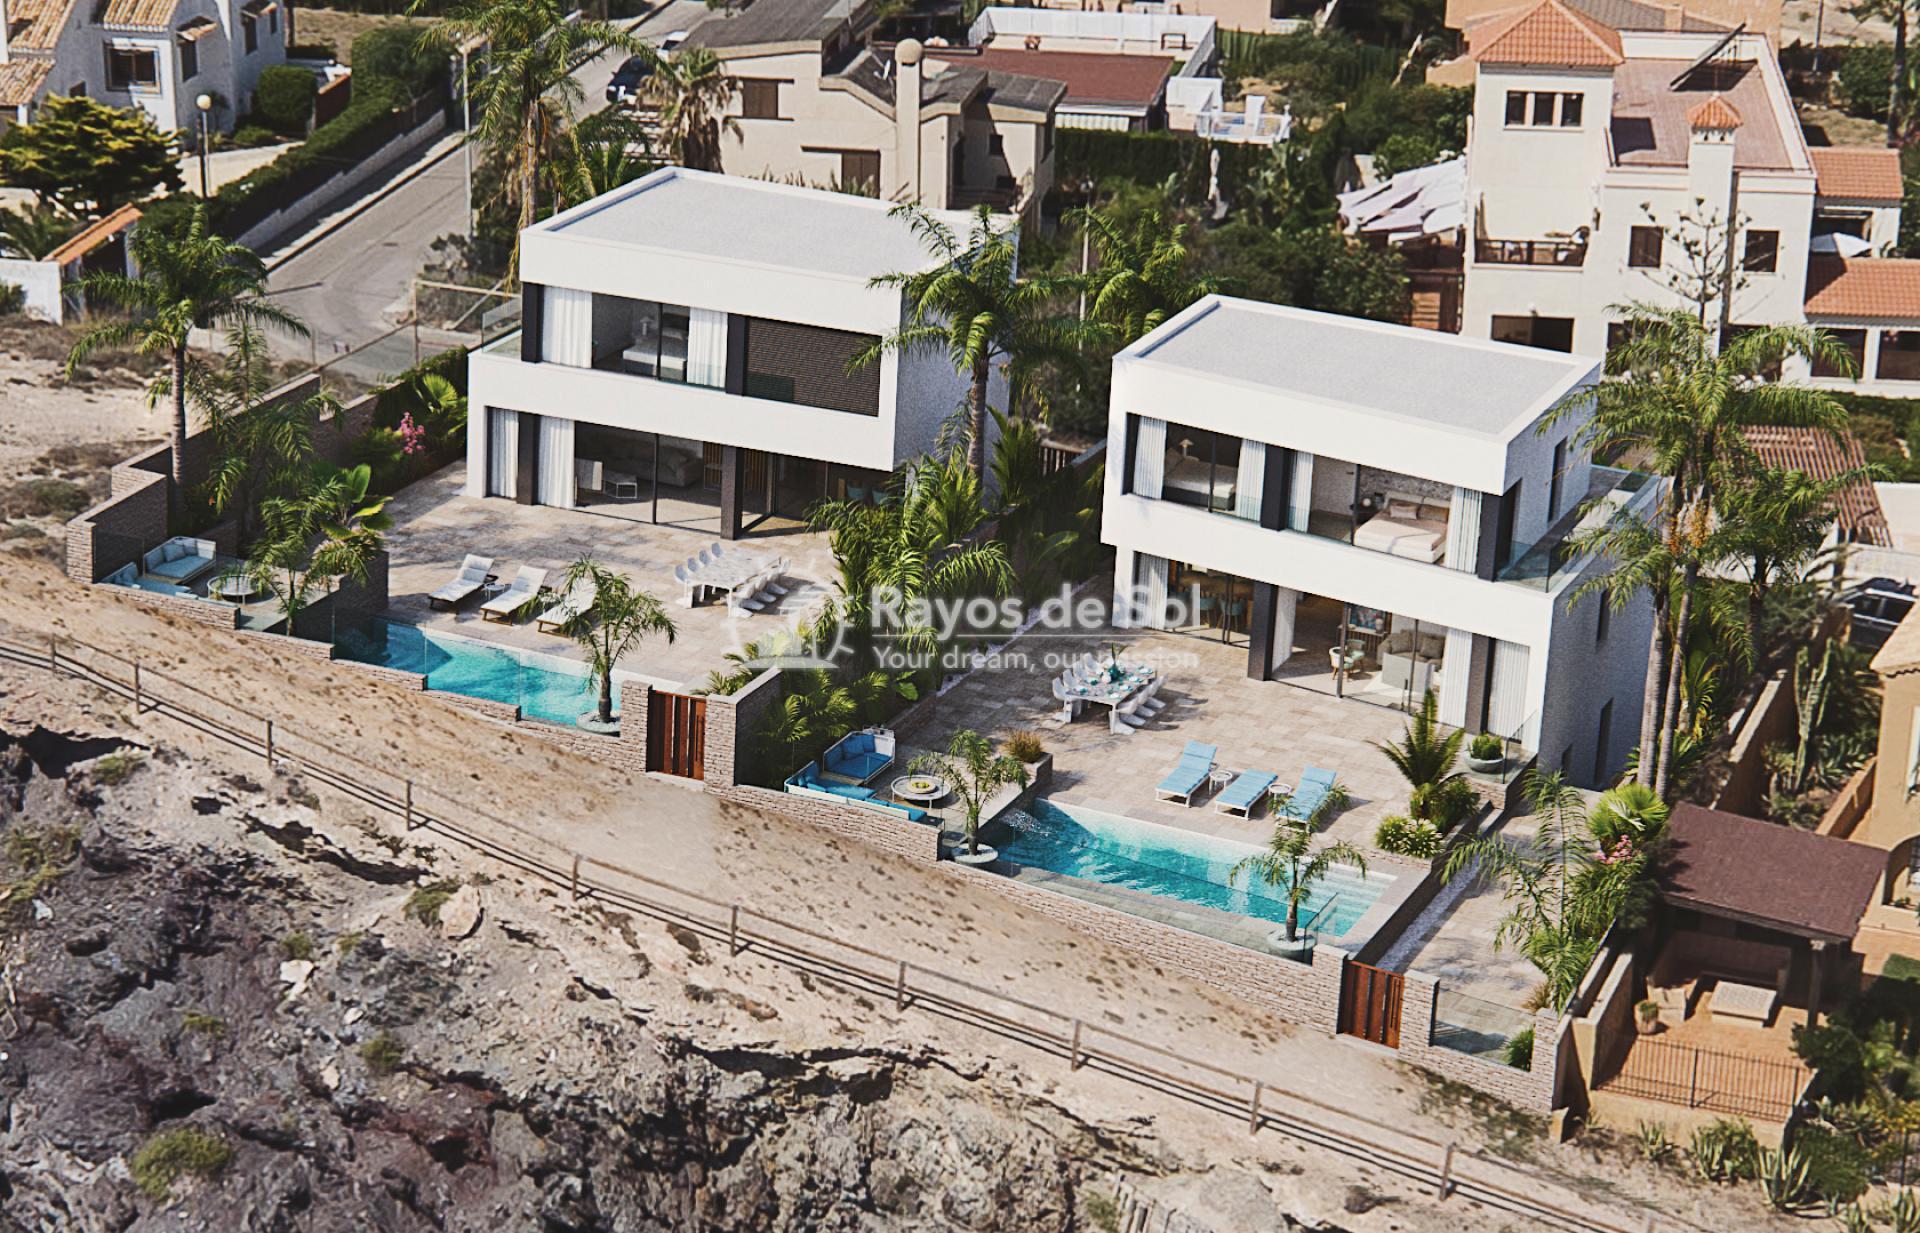 Villa with stunning seaviews  in Cabo de Palos, La Manga del Mar Menor, Costa Cálida (villas-de-lujo) - 7